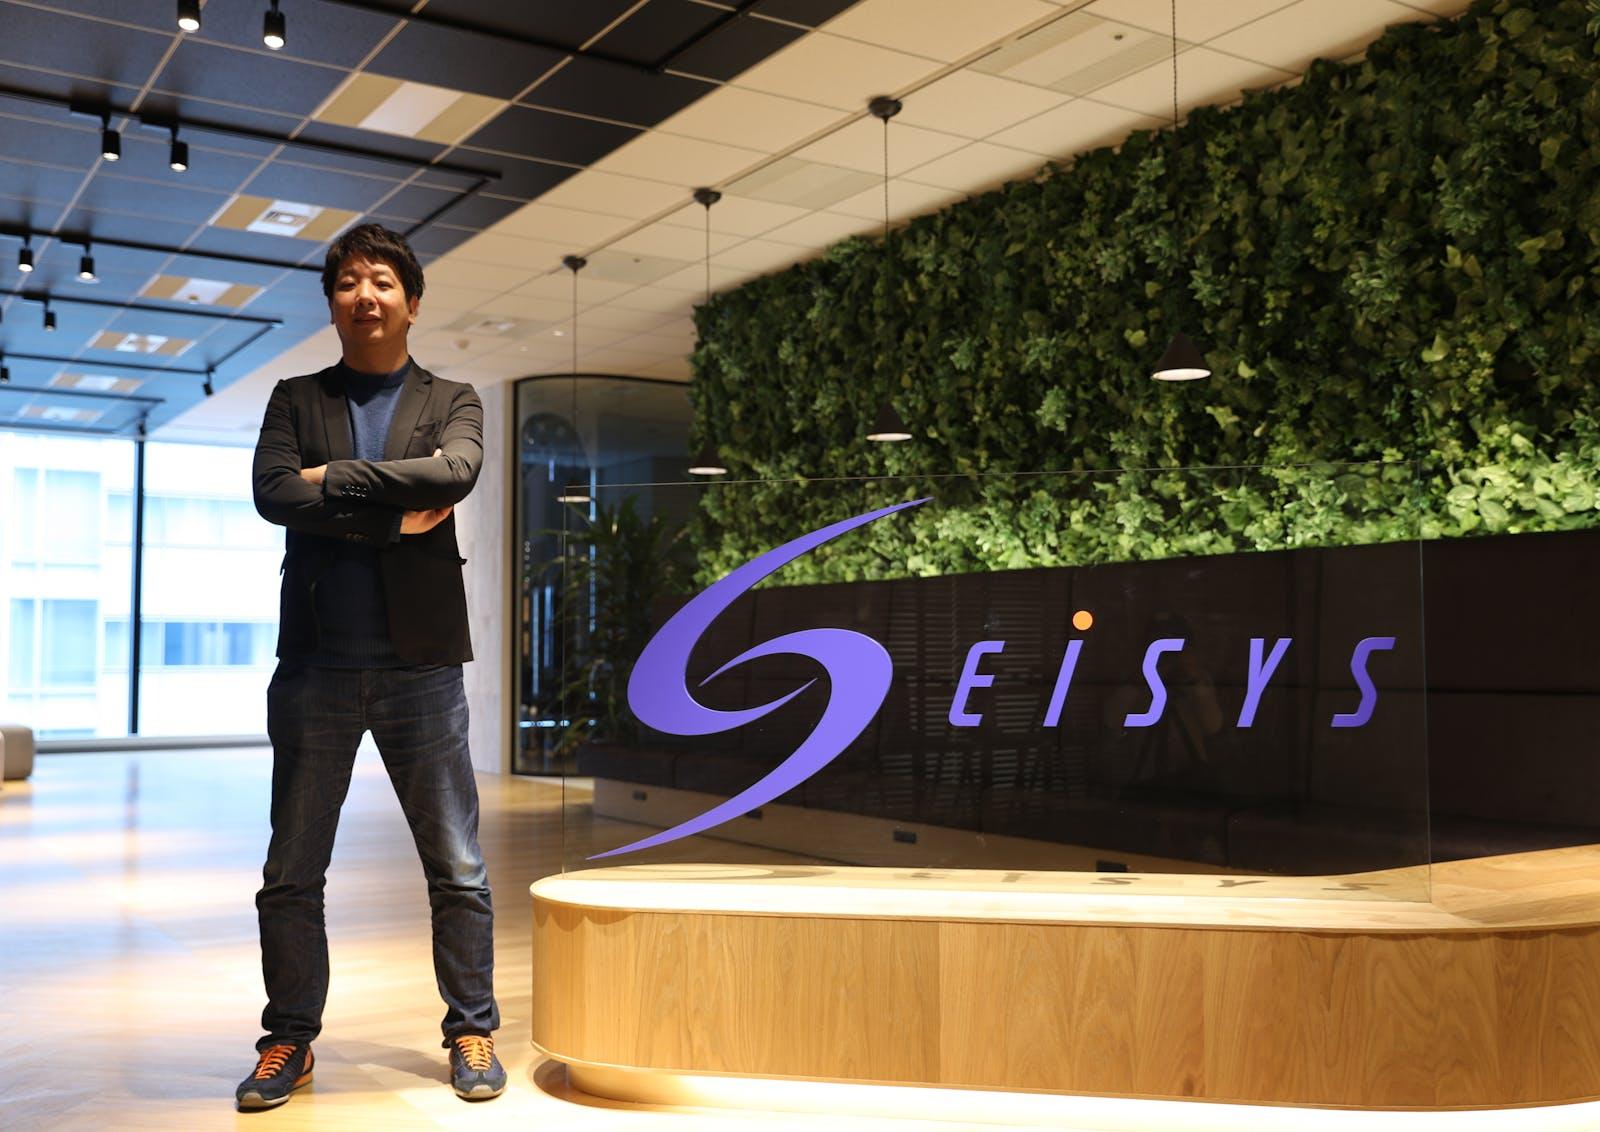 株式会社エイシスのアイキャッチ画像